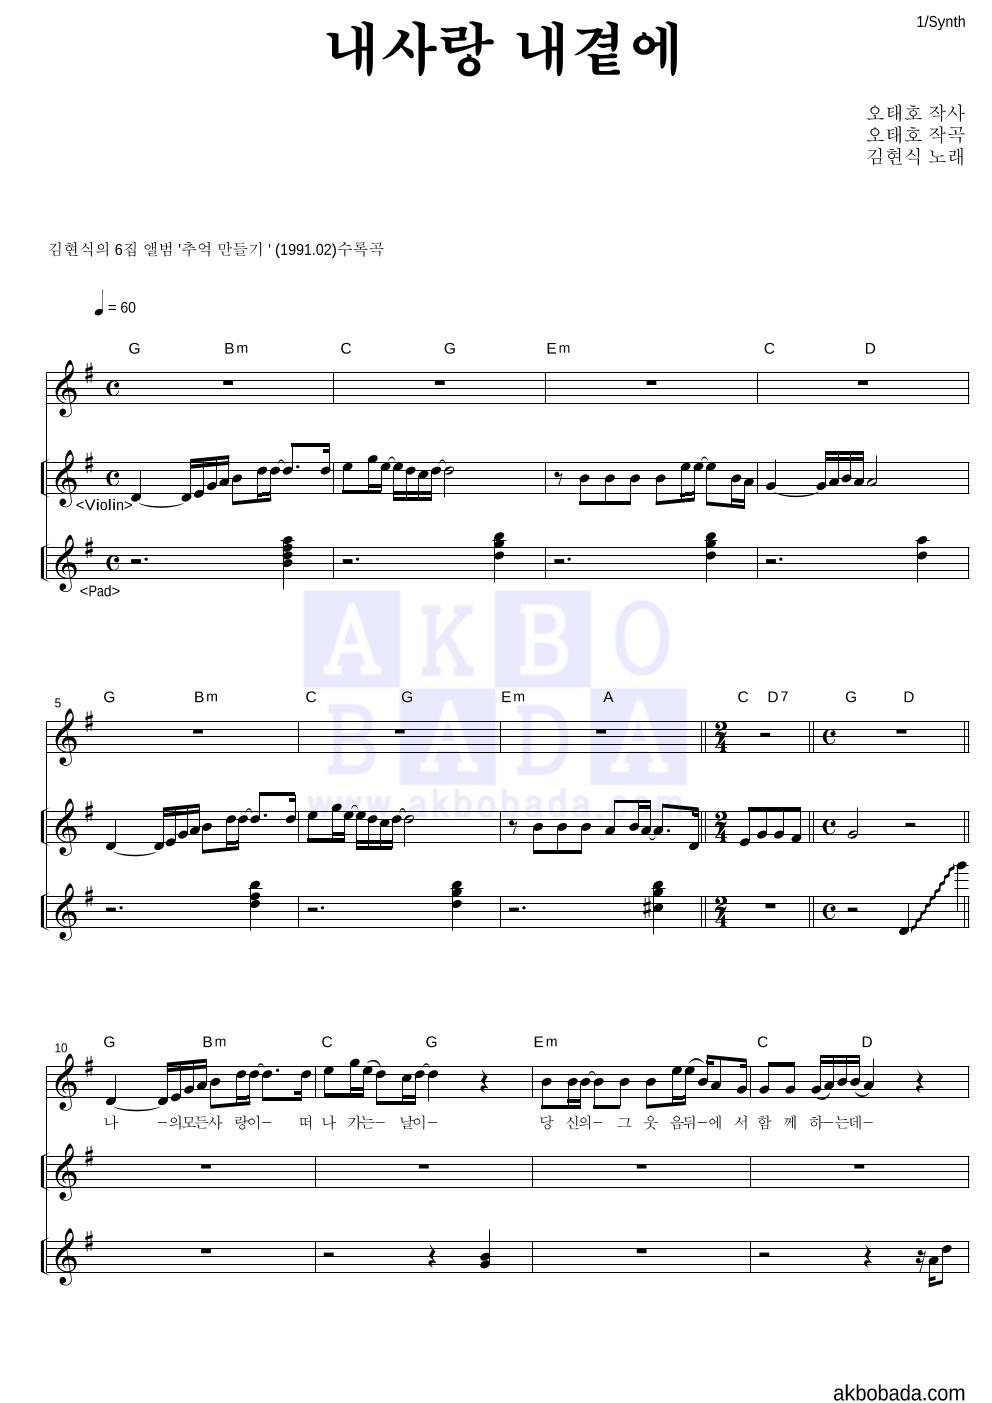 김현식 - 내사랑 내곁에  악보